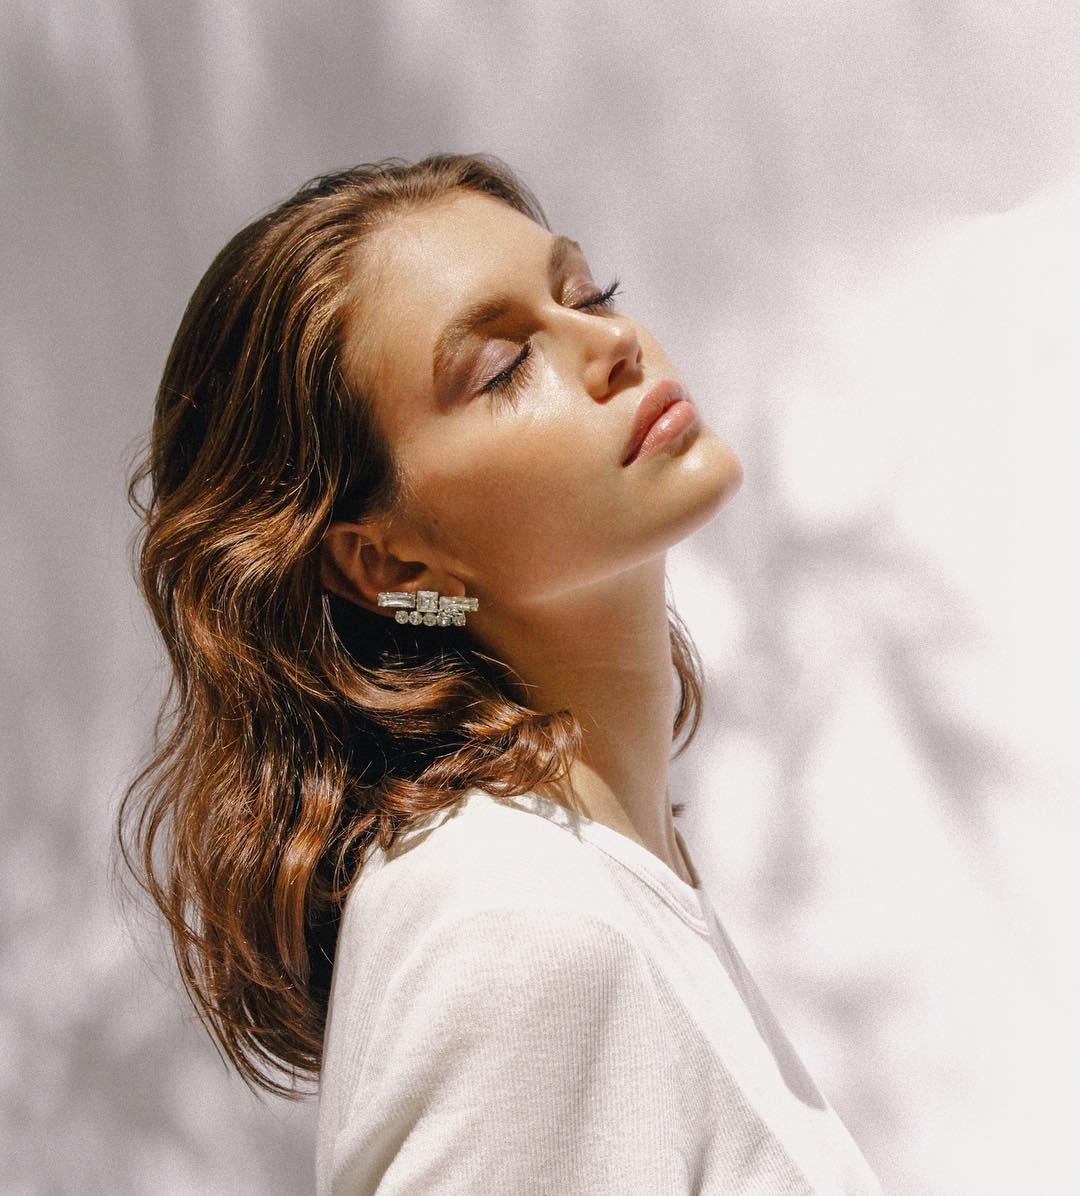 Bảng màu nâu siêu hot hãy lựa chọn cho bản thân một màu tóc hoàn hảo - Hình 1